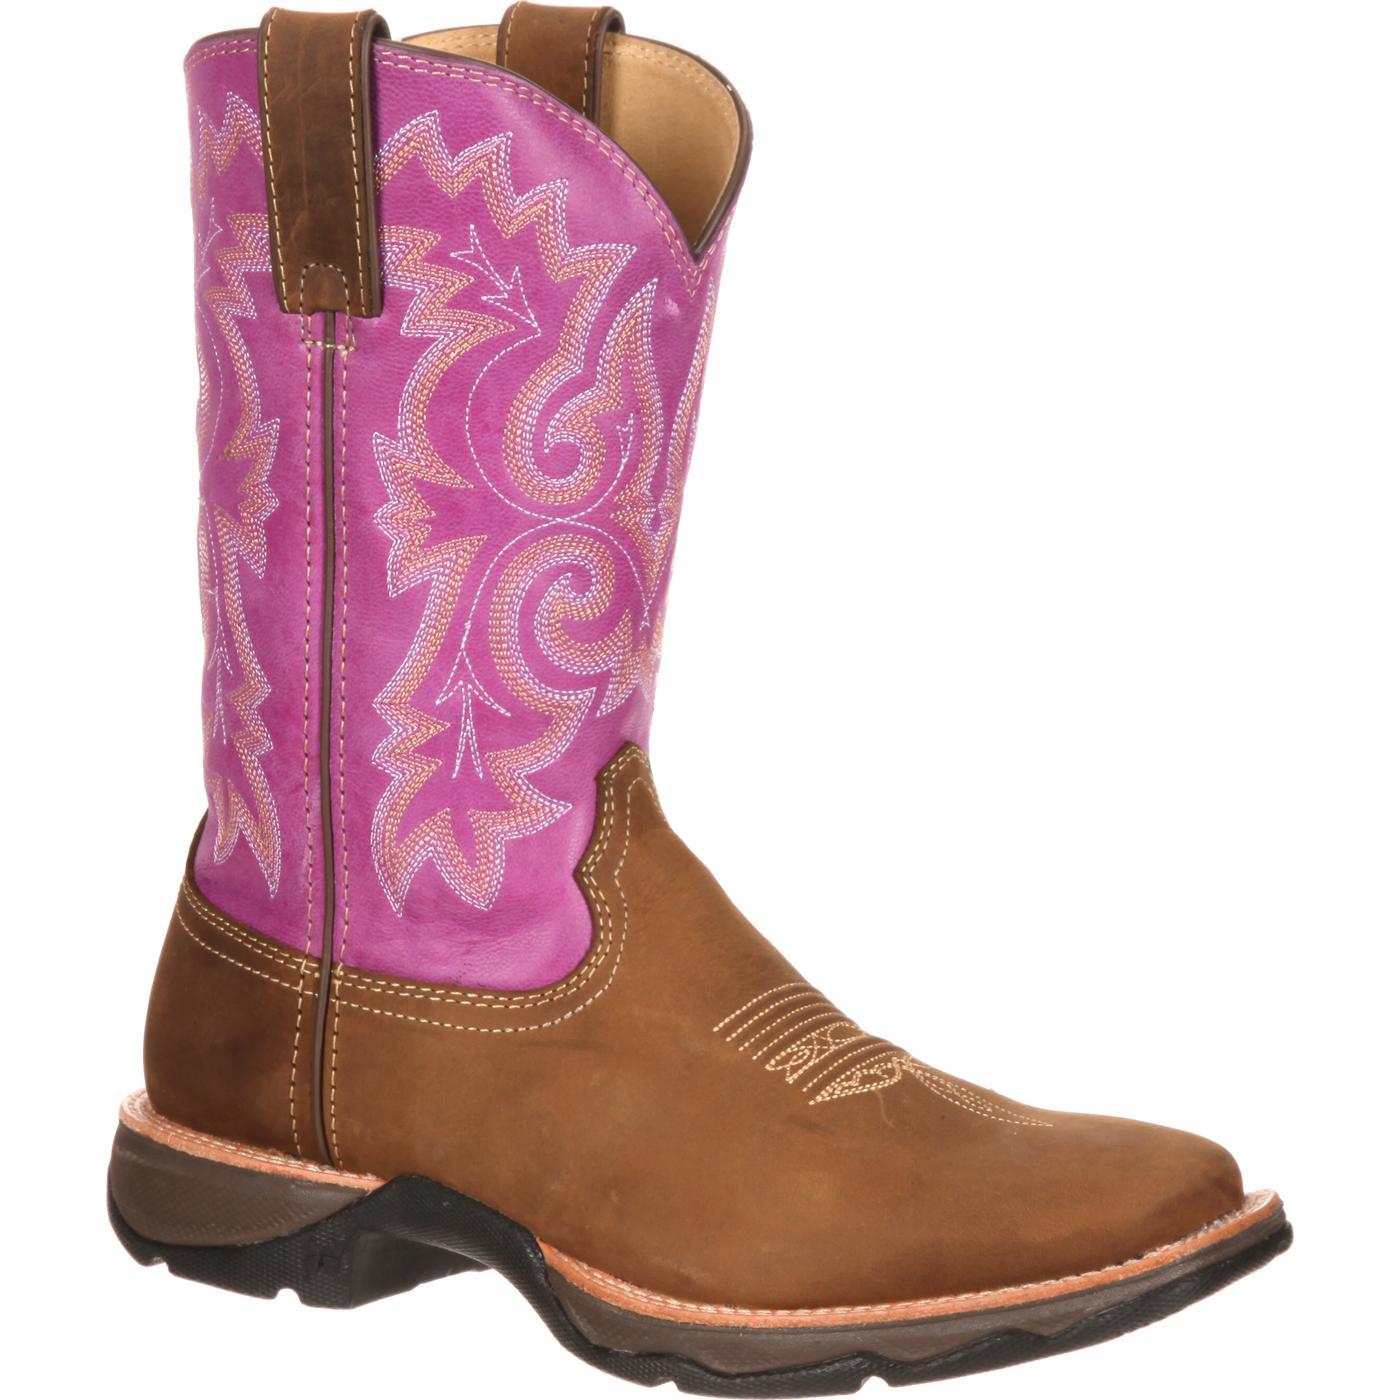 primera vista muy elogiado zapatos exclusivos Ramped-Up Lady Rebel™ by Durango® Women's Western Boot